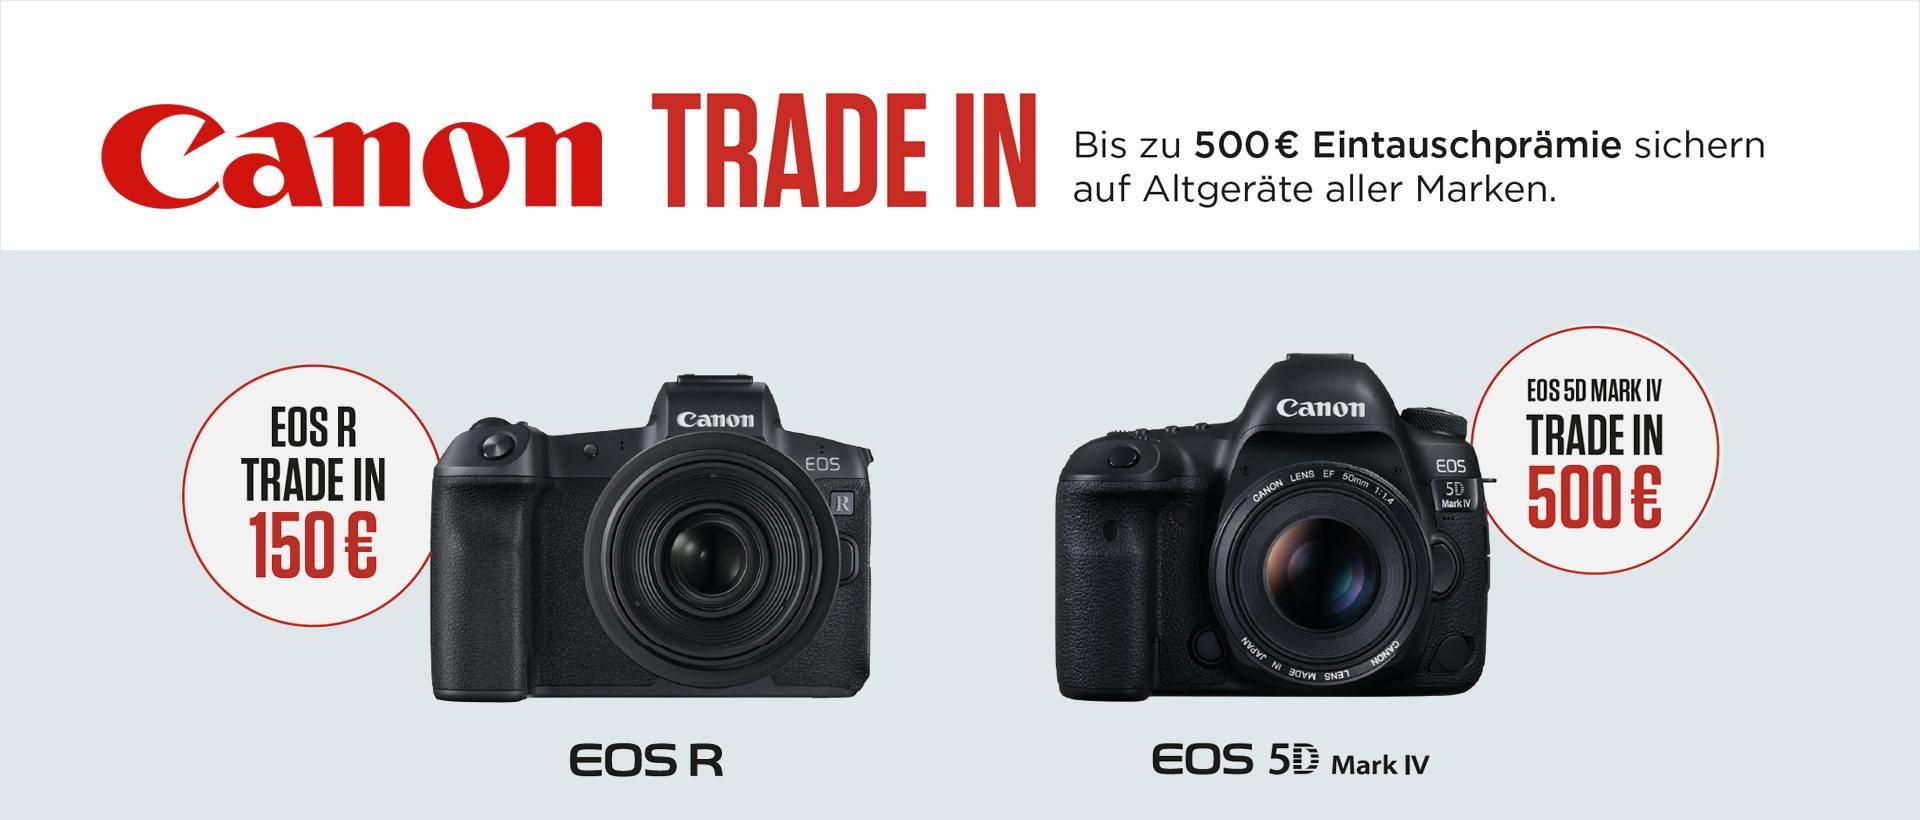 Canon EOS 5D IV / EOS R Trade-In